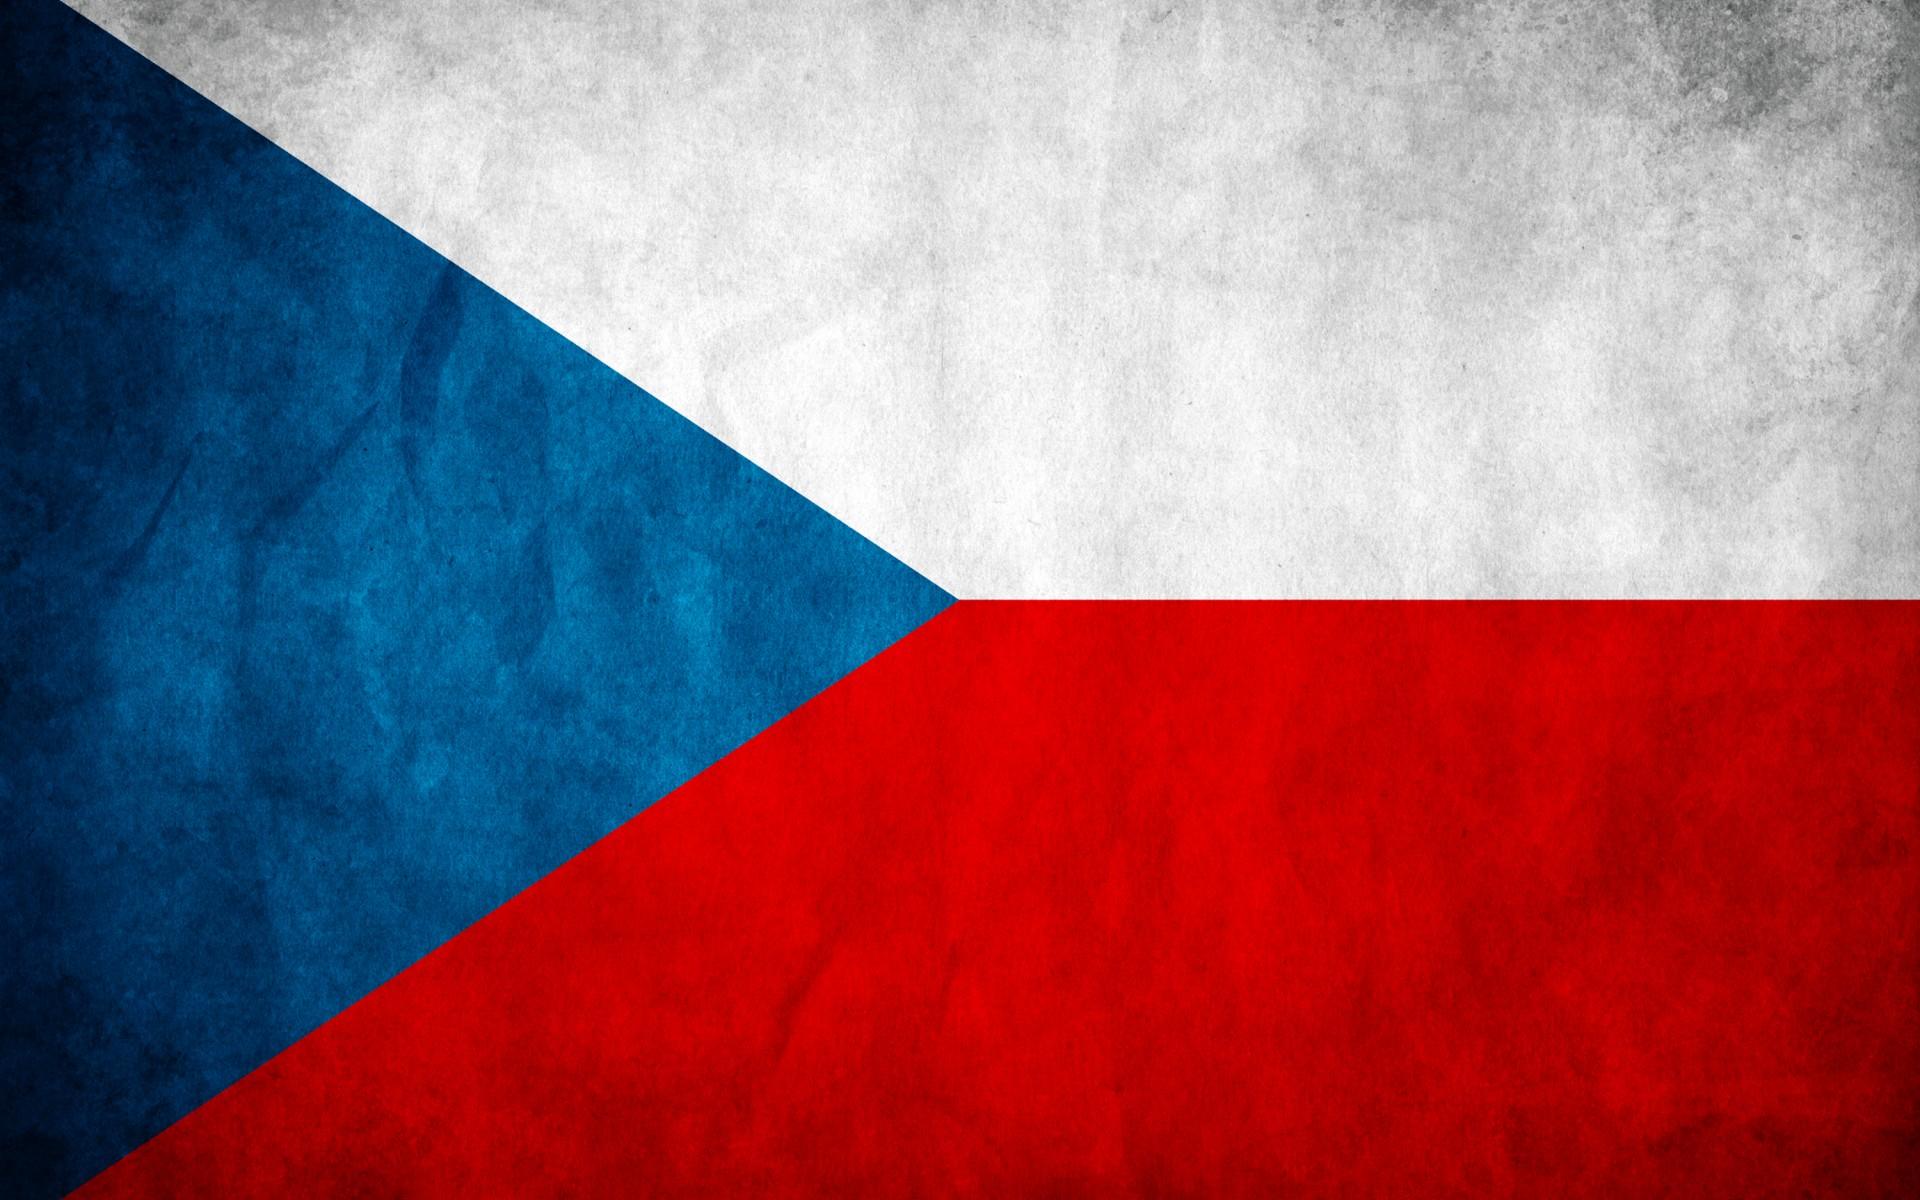 imagenes de banderas hd42 200 Imágenes de Banderas en HD (Wallpapers)